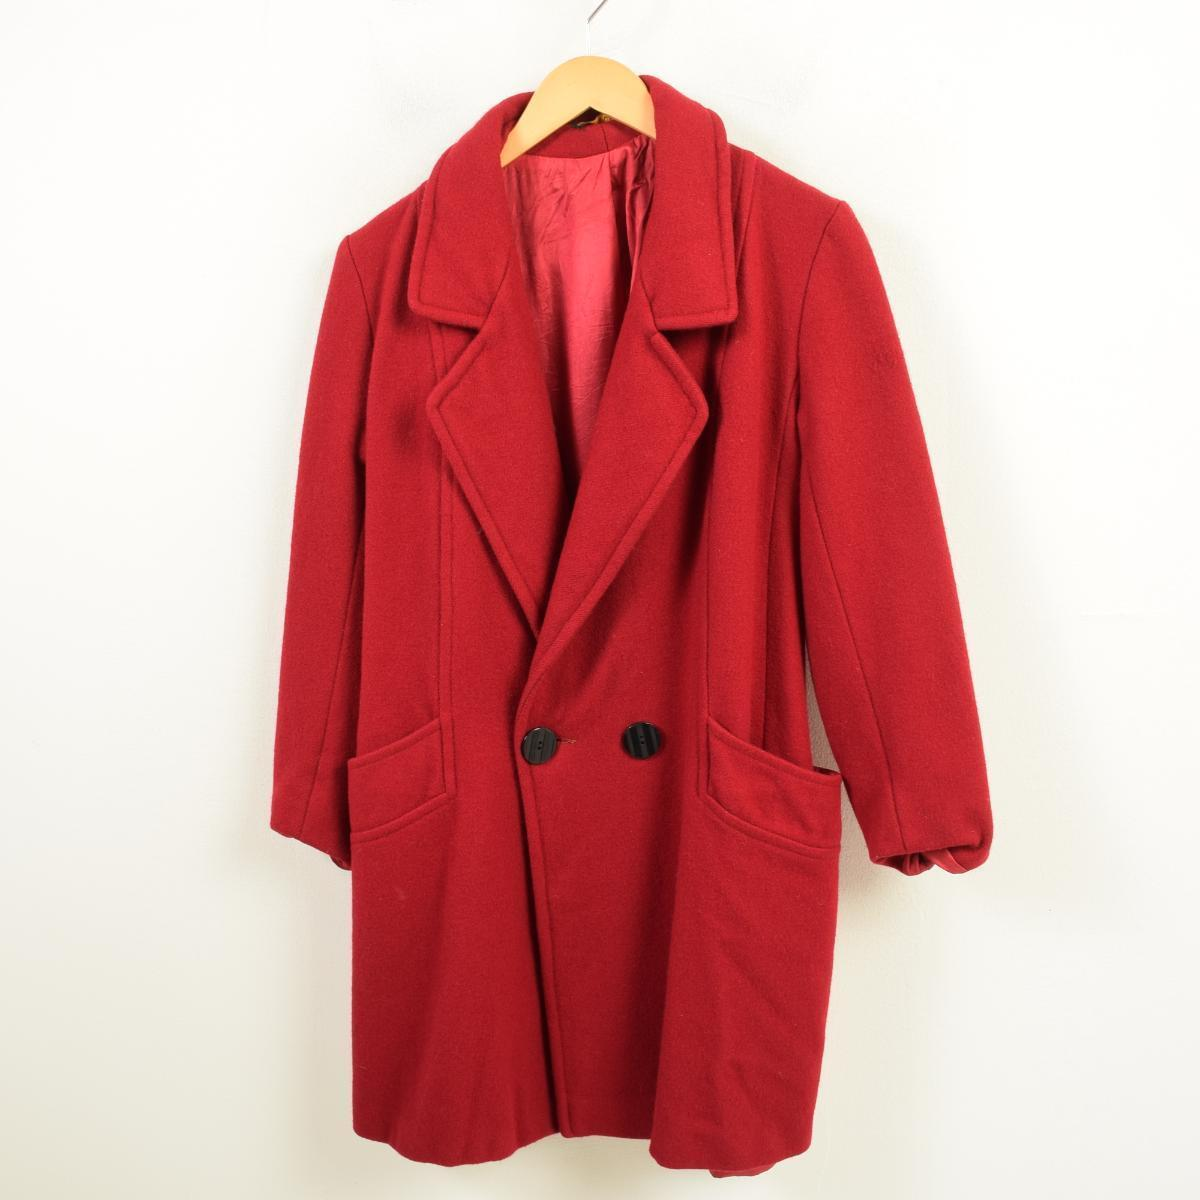 古着屋JAMがホテルローヤルに衣装提供